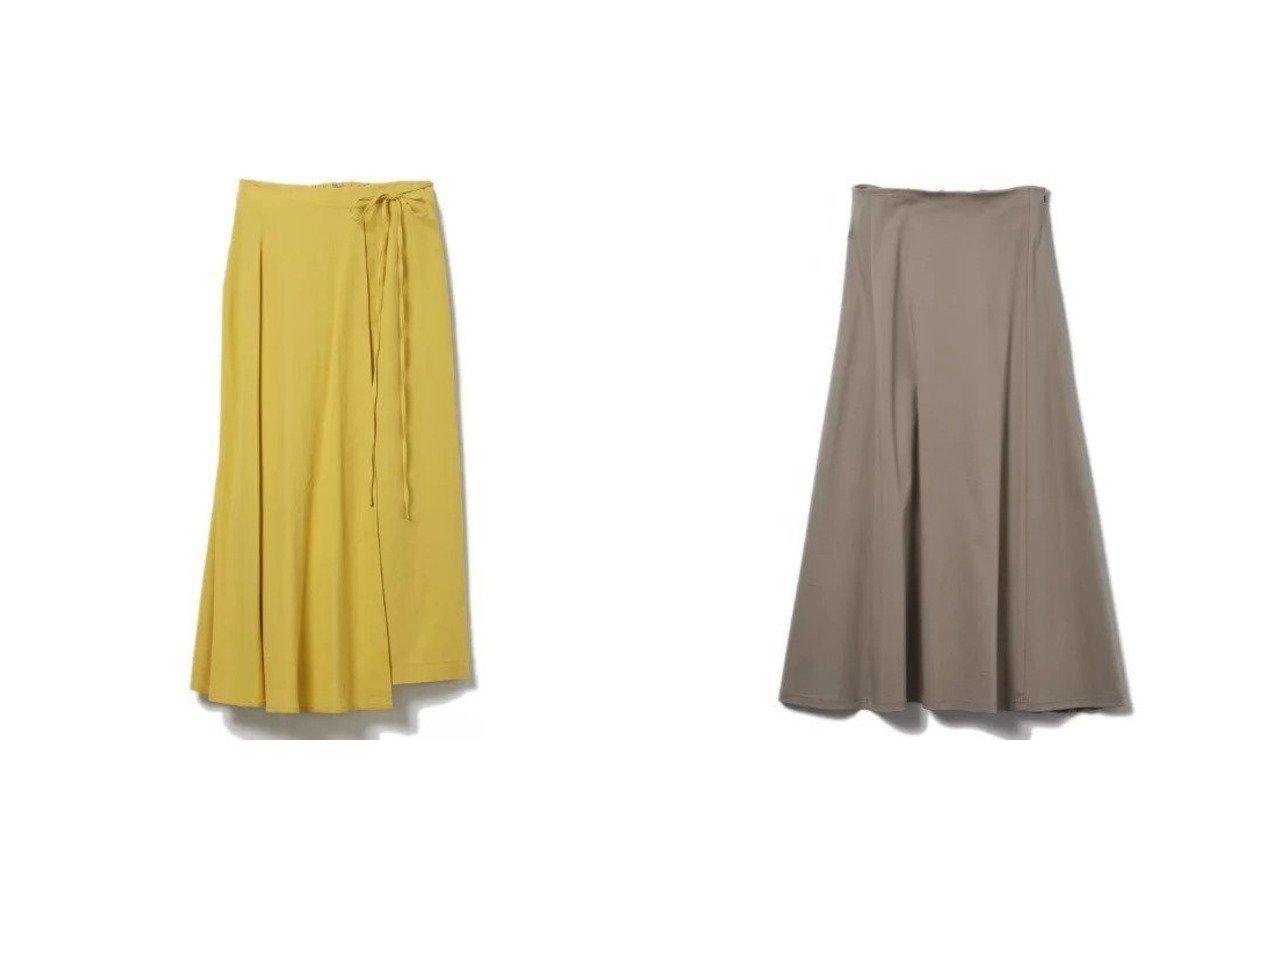 【CLEAR IMPRESSION/クリアインプレッション】の《musee》クールタッチコットンレースアップスカート&《musee》ボイルラップスカート 【スカート】おすすめ!人気、トレンド・レディースファッションの通販 おすすめで人気の流行・トレンド、ファッションの通販商品 インテリア・家具・メンズファッション・キッズファッション・レディースファッション・服の通販 founy(ファニー) https://founy.com/ ファッション Fashion レディースファッション WOMEN スカート Skirt シンプル セットアップ ラップ ロング カットソー フレアースカート レース |ID:crp329100000047537